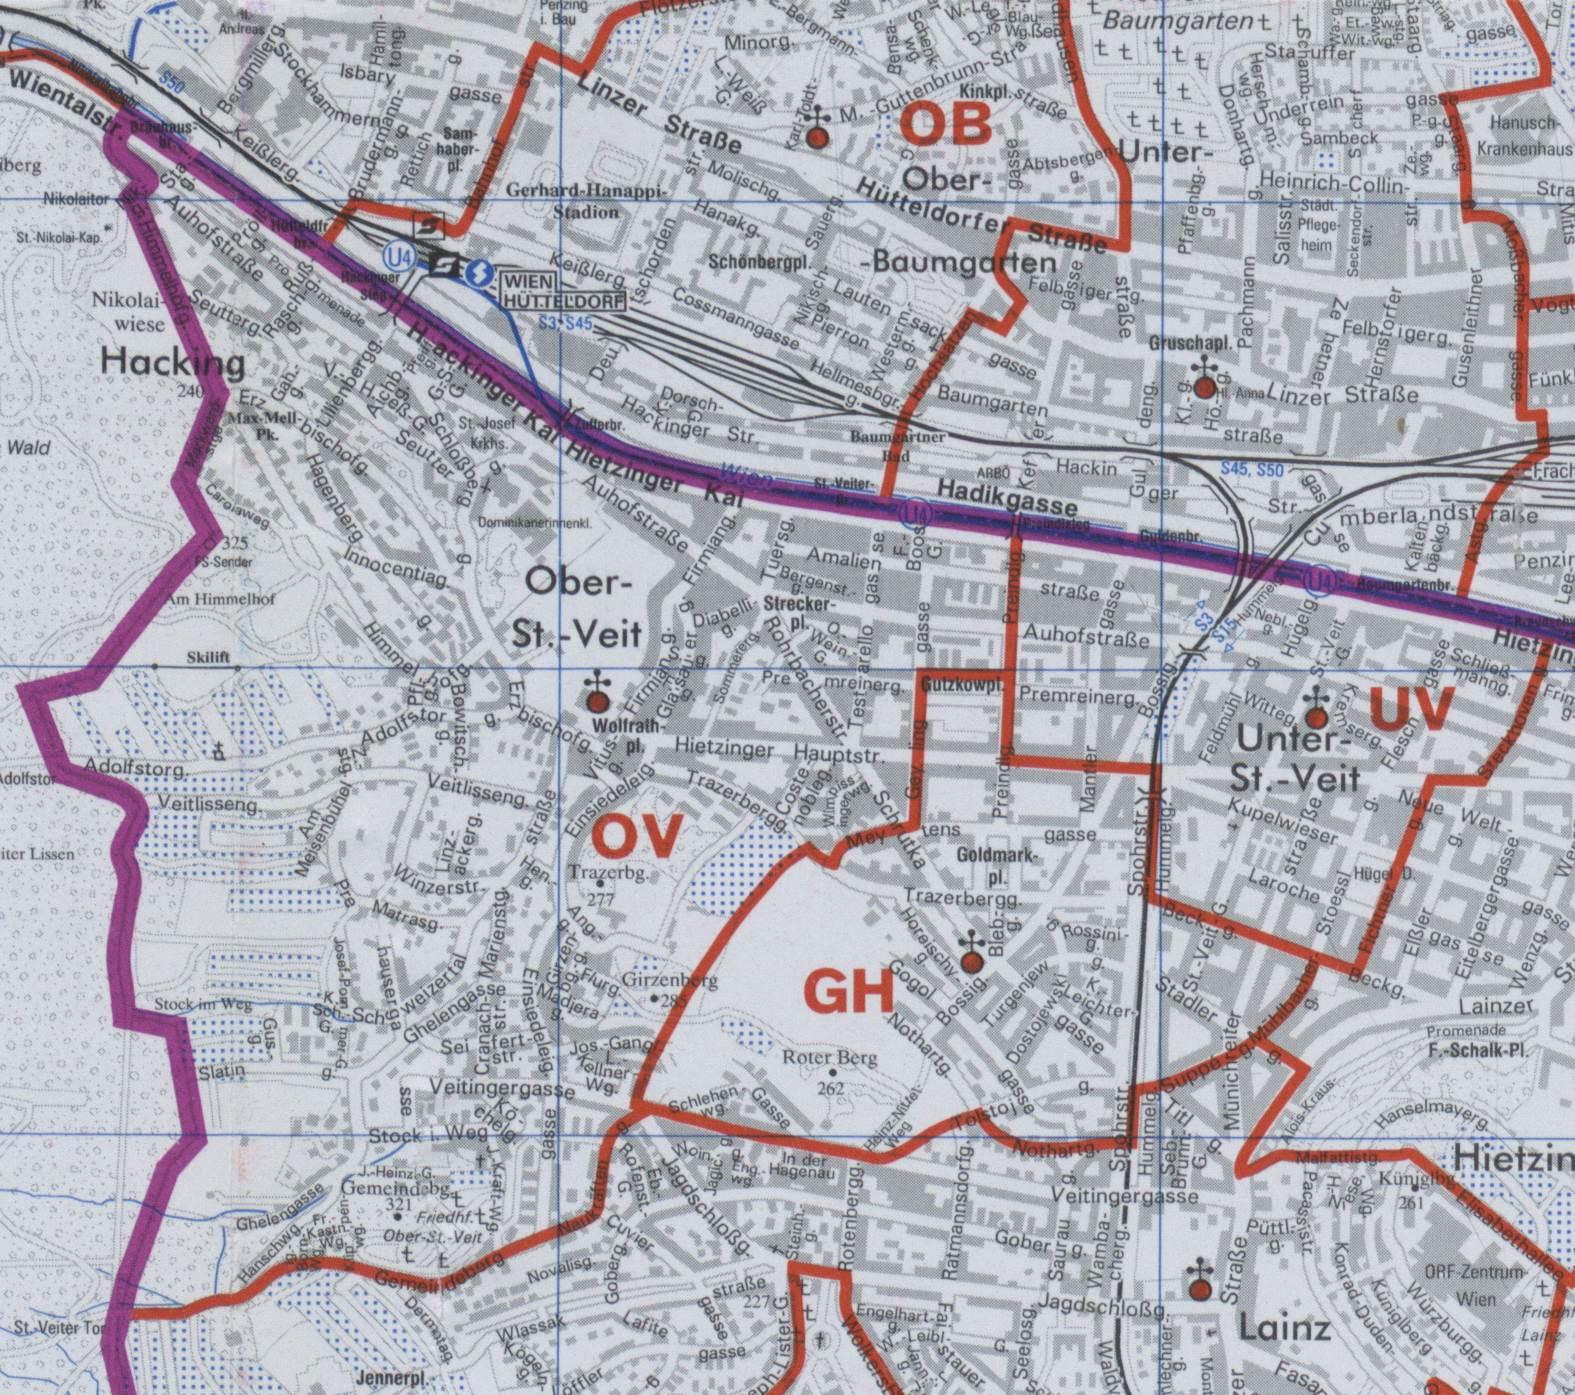 Karte Wien Niederosterreich.13 Ober St Veit Wien Rk Erzdiozese Ostl